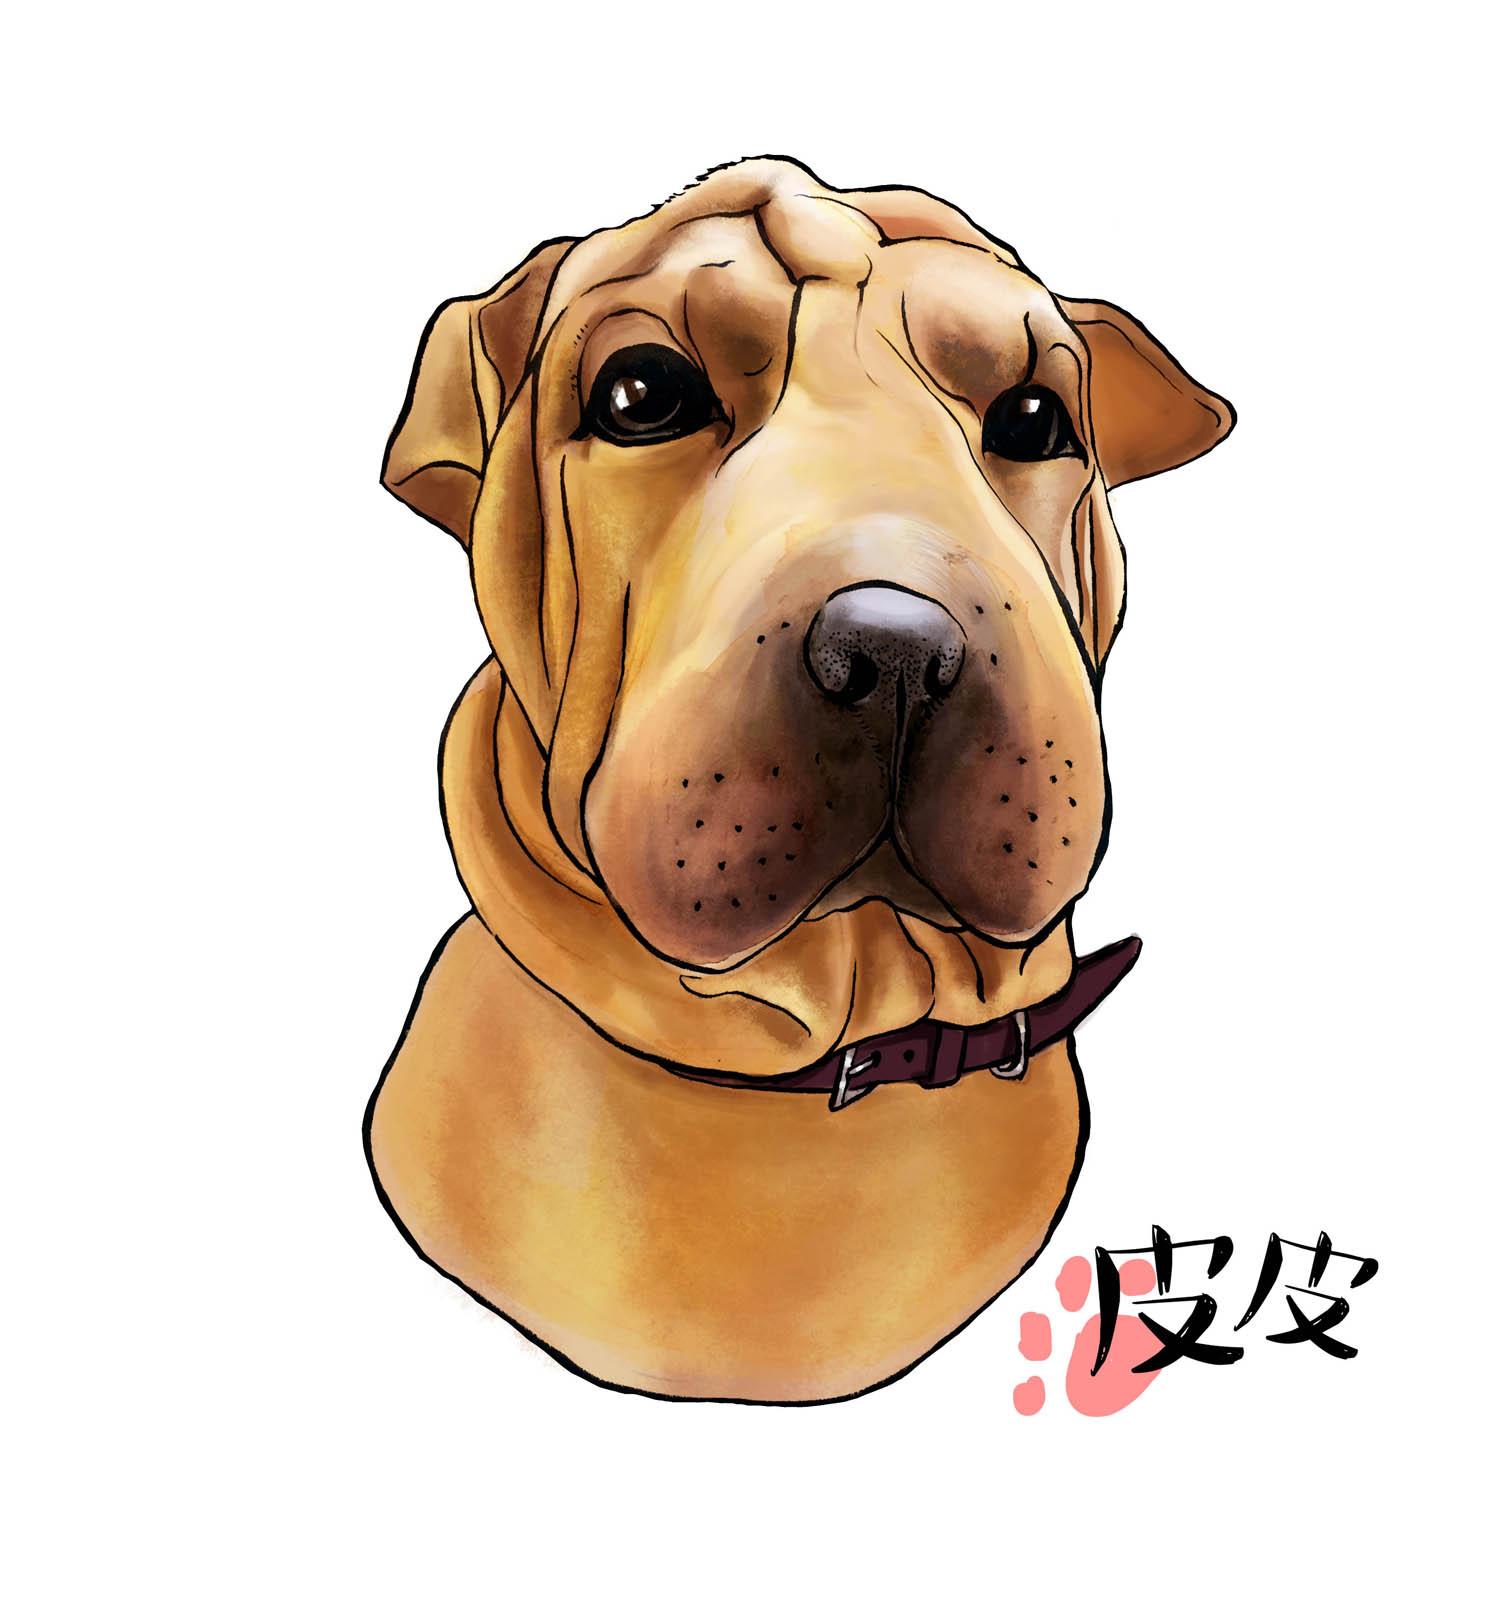 [ 家有萌宠 · 其乐无穷 ] amy手绘插画